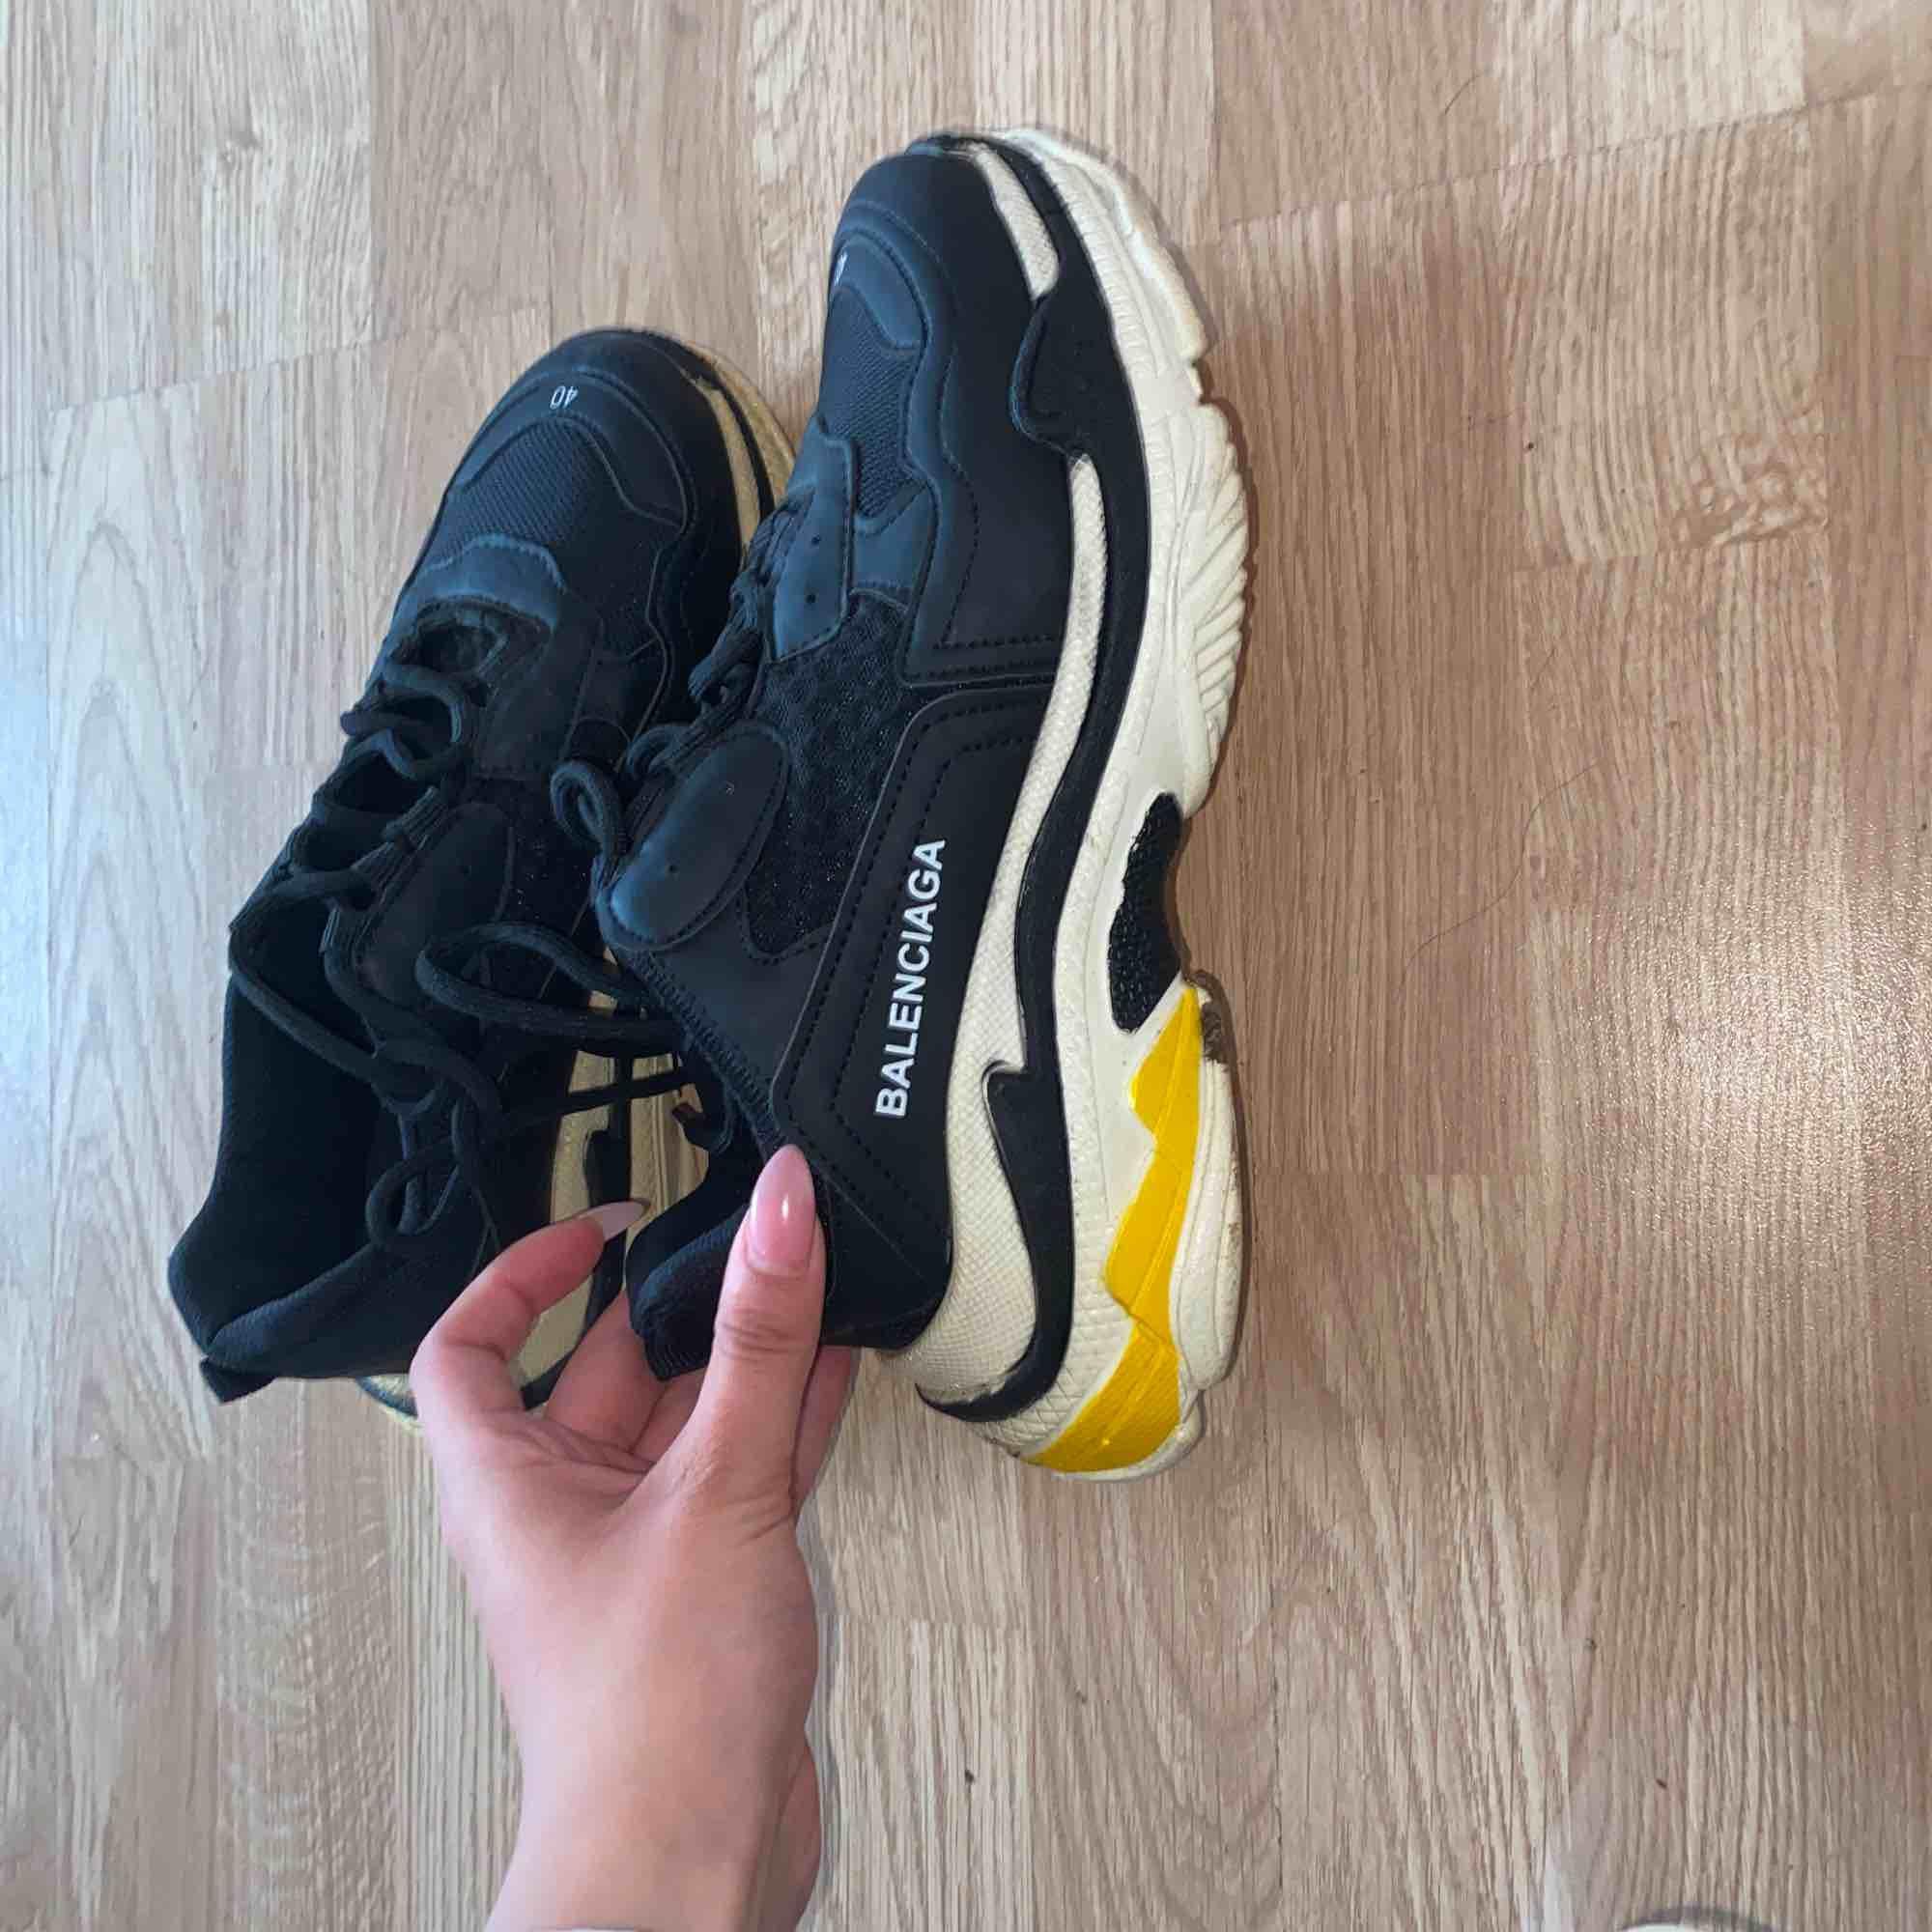 Jätte fina balenciaga skor storlek 40 passar även 39 då de är små i storleken. Vet inte om de är äkta. Använda 2 gånger. Pris kan diskuteras vid snabb affär ☺️🤘🏾. Skor.